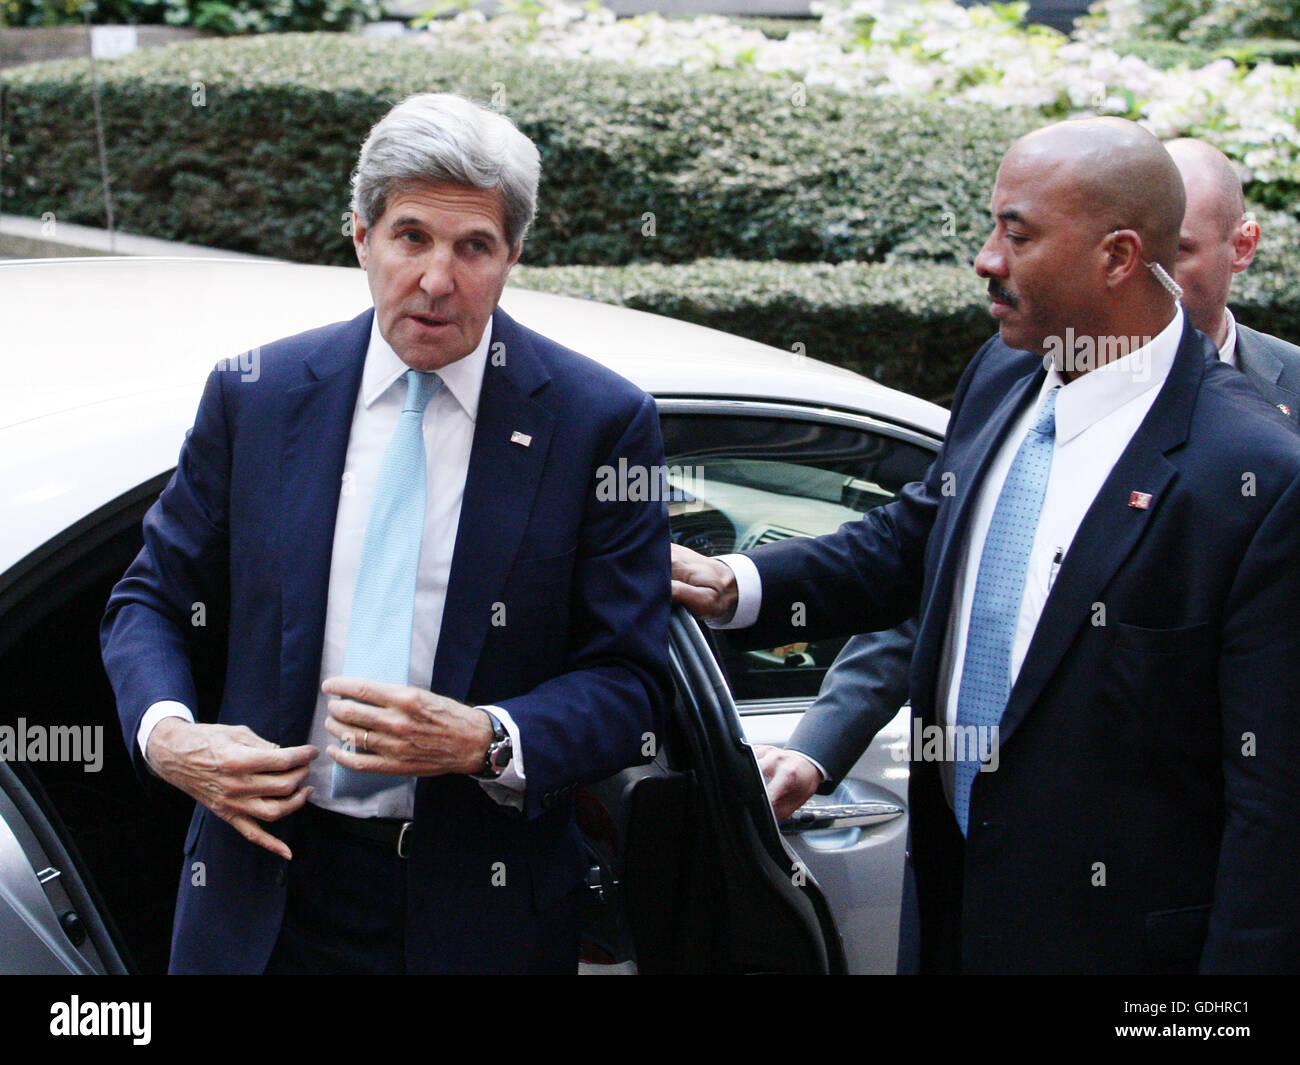 Bruxelles, Belgique. 18 juillet, 2016. John Kerry, secrétaire d'État américain, arrive à la réunion du Conseil des affaires étrangères qui a lieu lors du Conseil européen. Credit: Leonardo Hugo Cavallo/Alamy Live News Banque D'Images